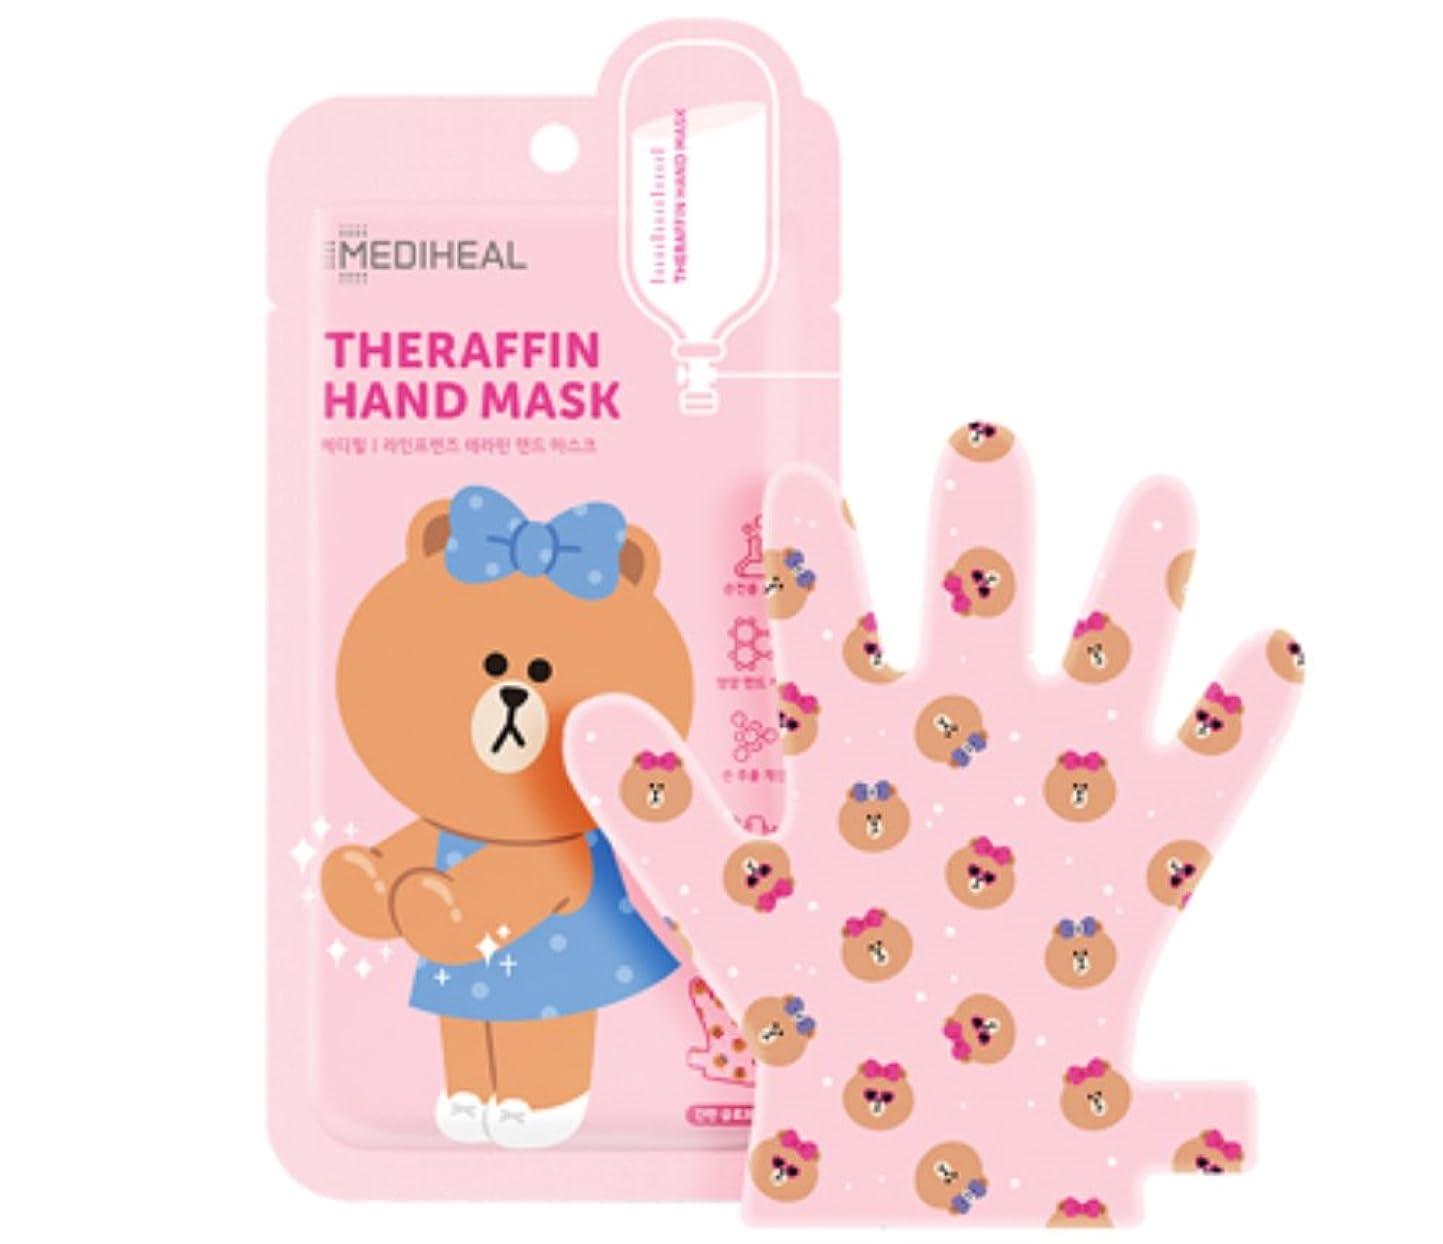 悔い改め少ない薬局MEDIHEAL LINE FRIENDS THERAFFIN HAND MASK テラピンハンドマスクきれいな手を作る